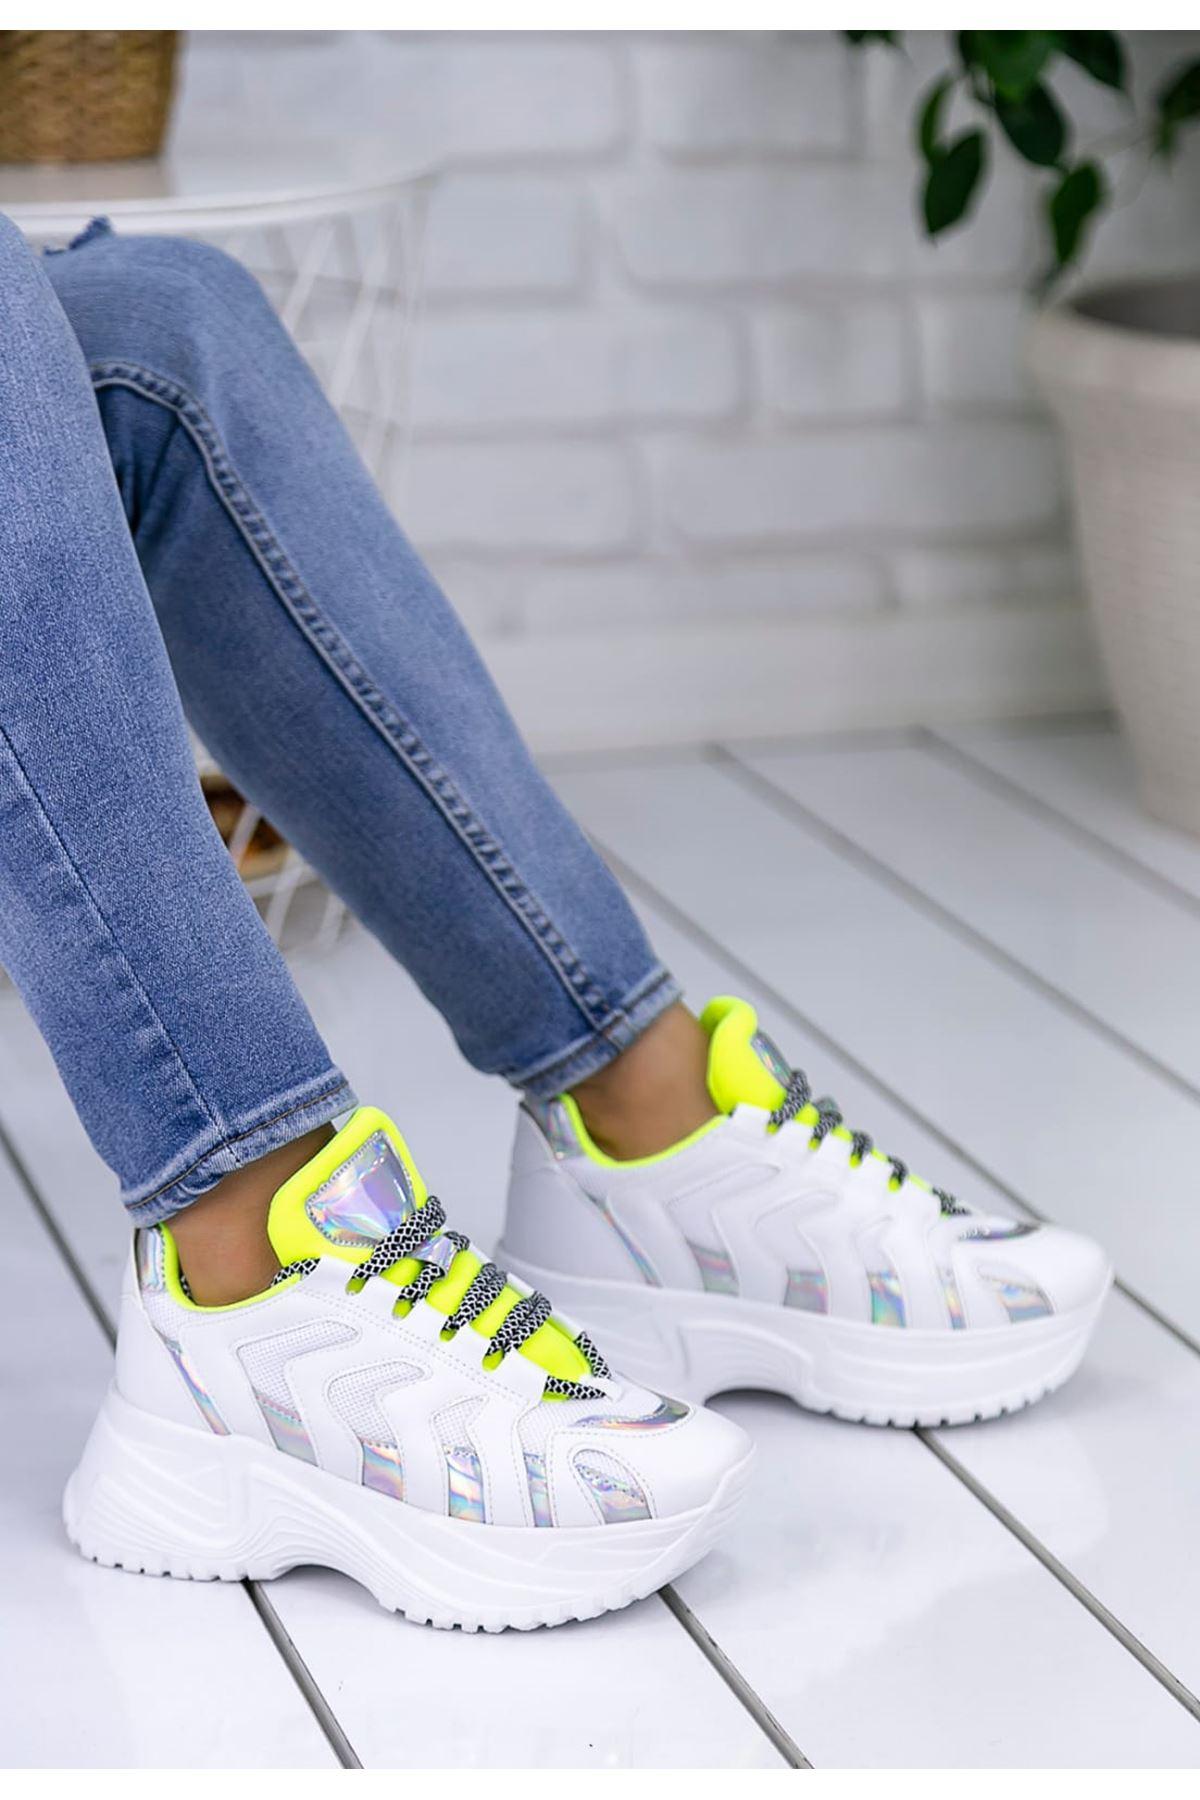 Milo Yeşil Hologram Bağcık Detay Kadın Spor Ayakkabı